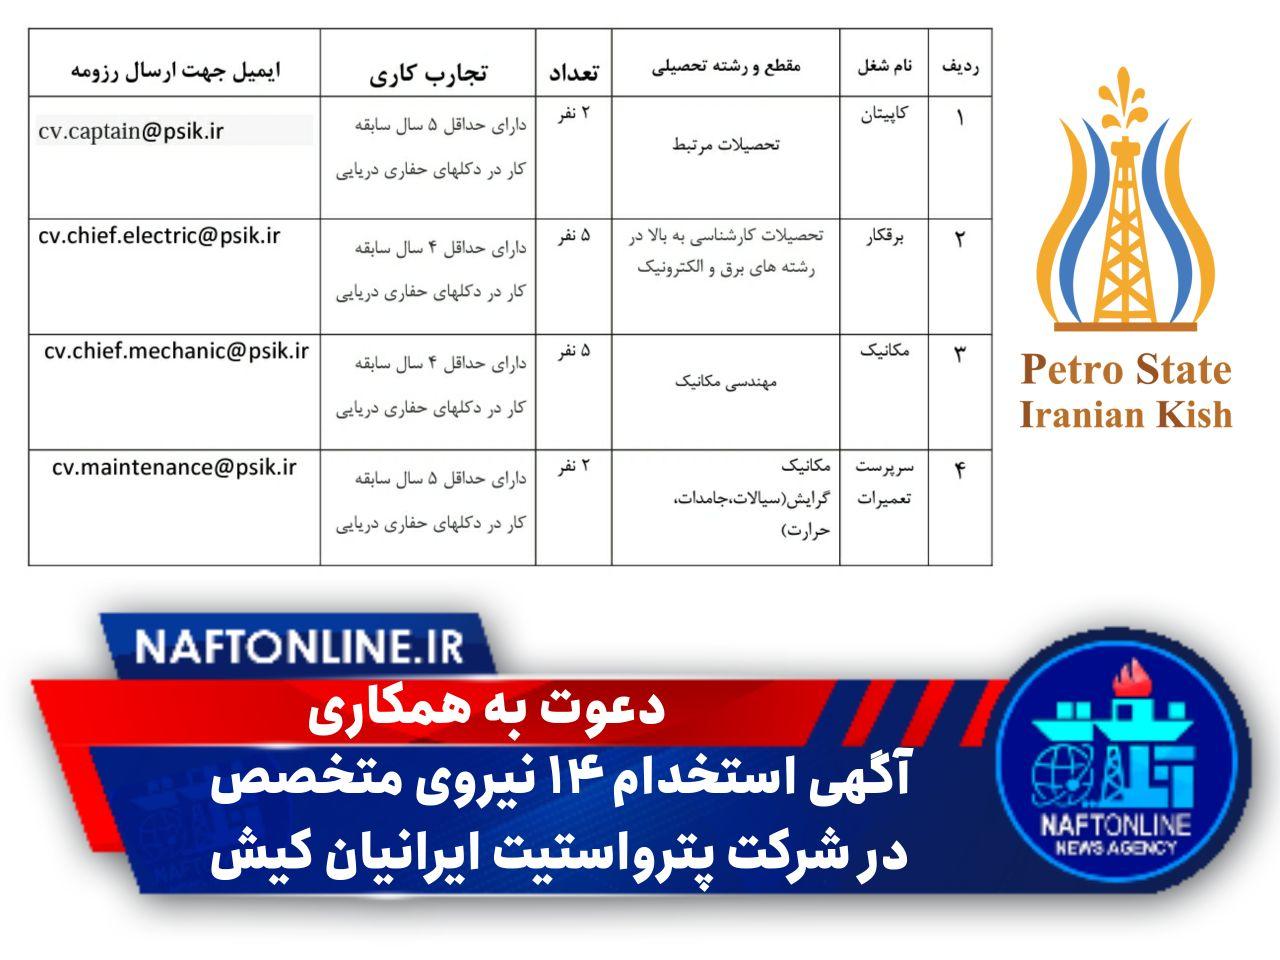 آگهی استخدام در شرکت پترواستیت ایرانیان کیش | نفت آنلاین